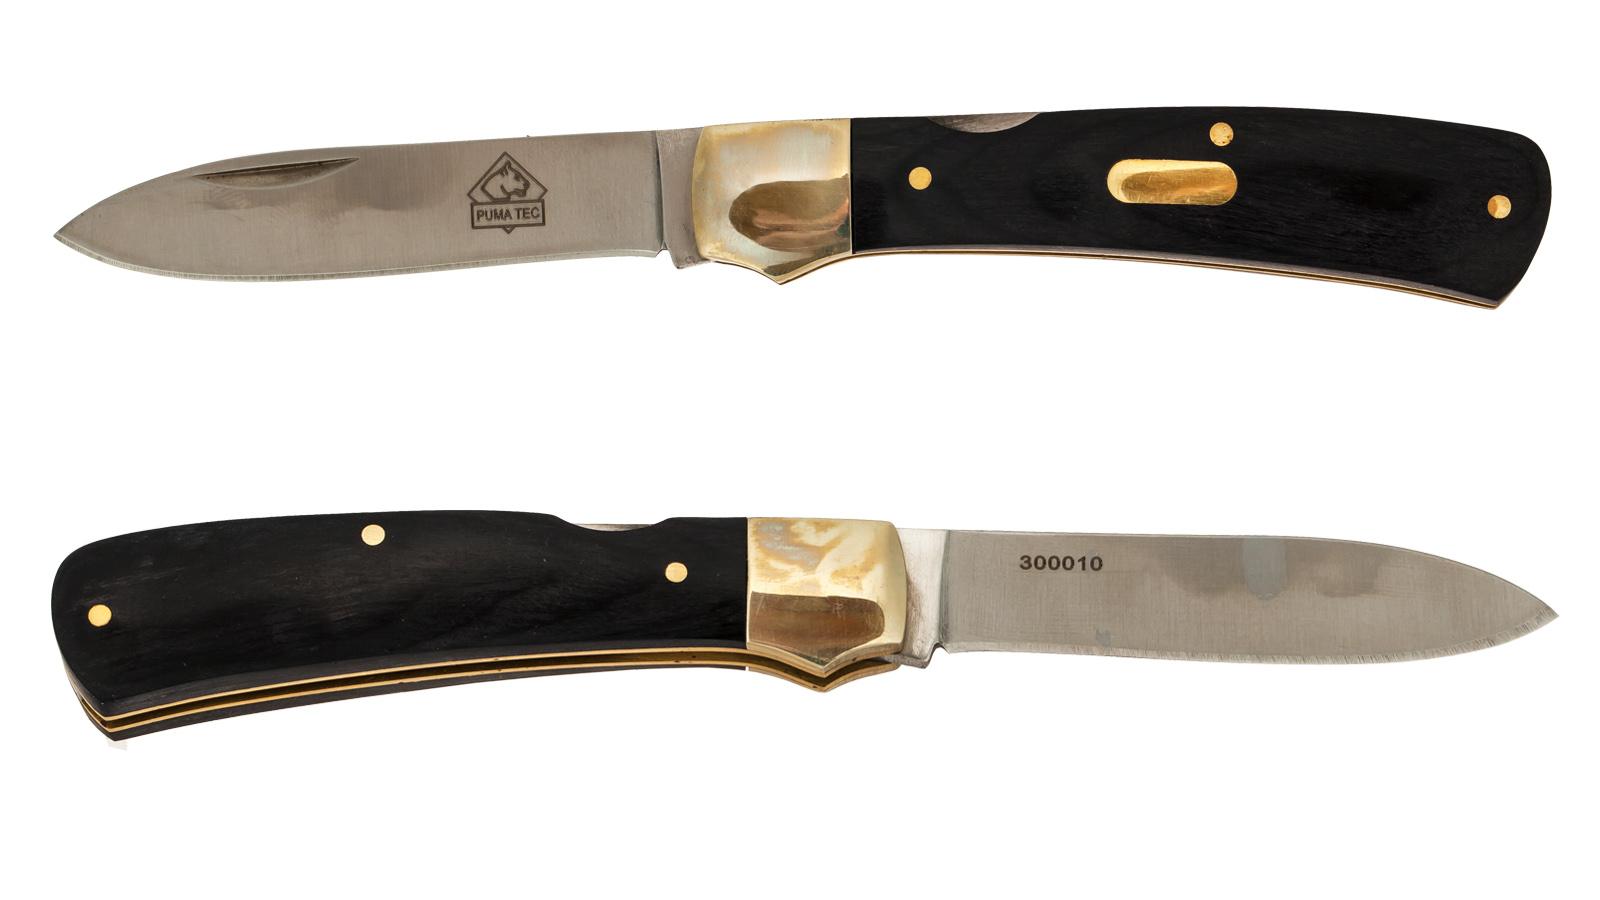 Складной нож Puma Tec 300010 Taschenmesser (Германия) - купить в розницу